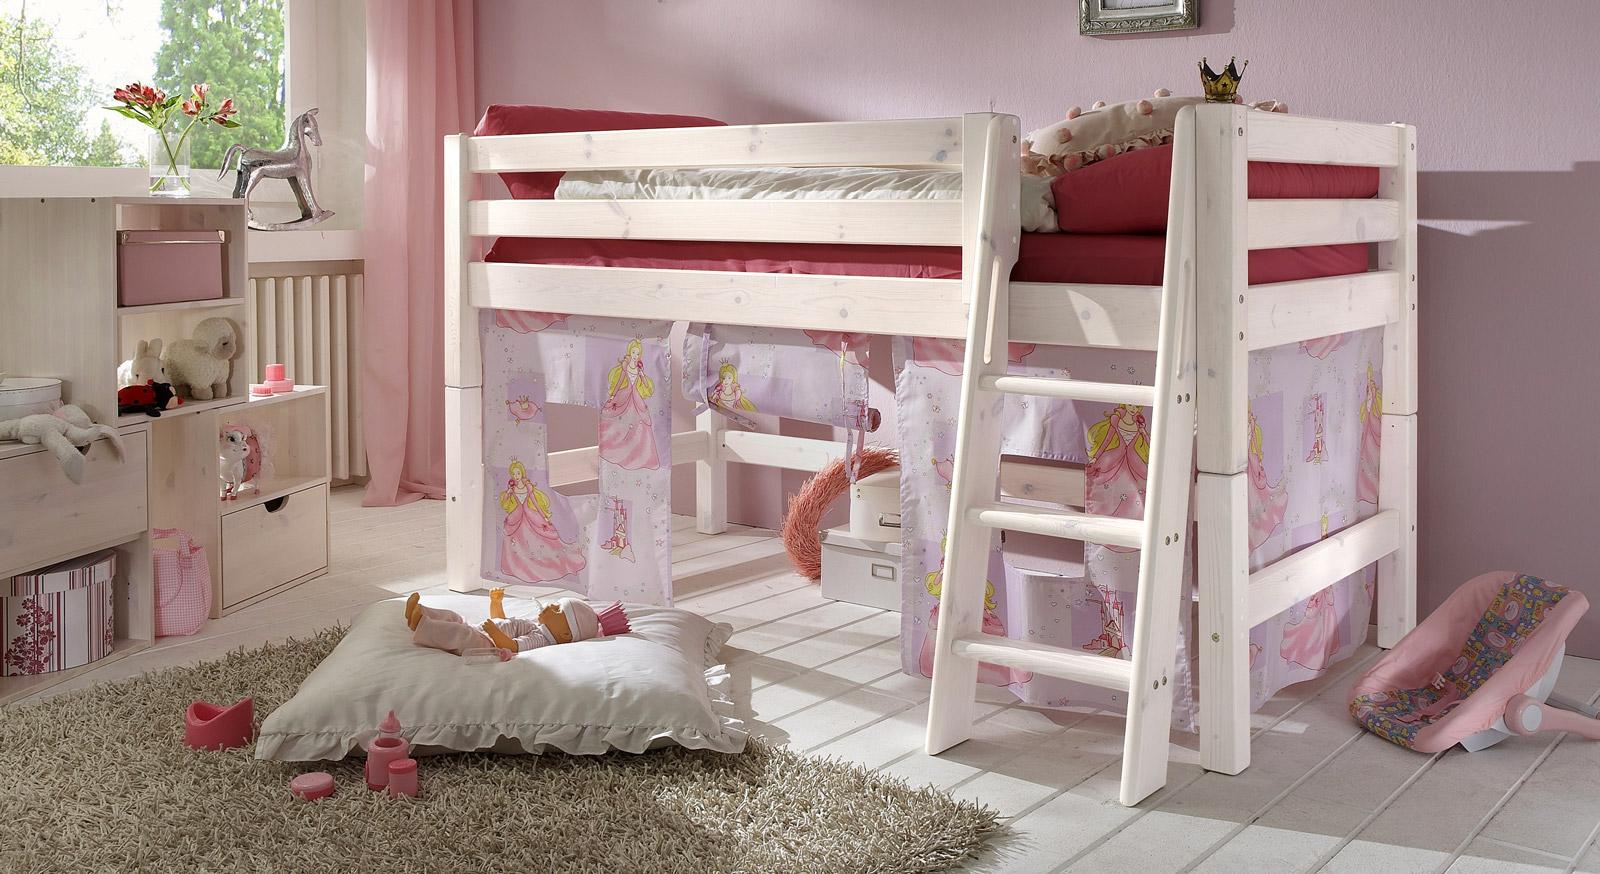 Full Size of Hochbetten Kinderzimmer Hochbett Kind Indoo Haus Design Regal Weiß Sofa Regale Kinderzimmer Hochbetten Kinderzimmer